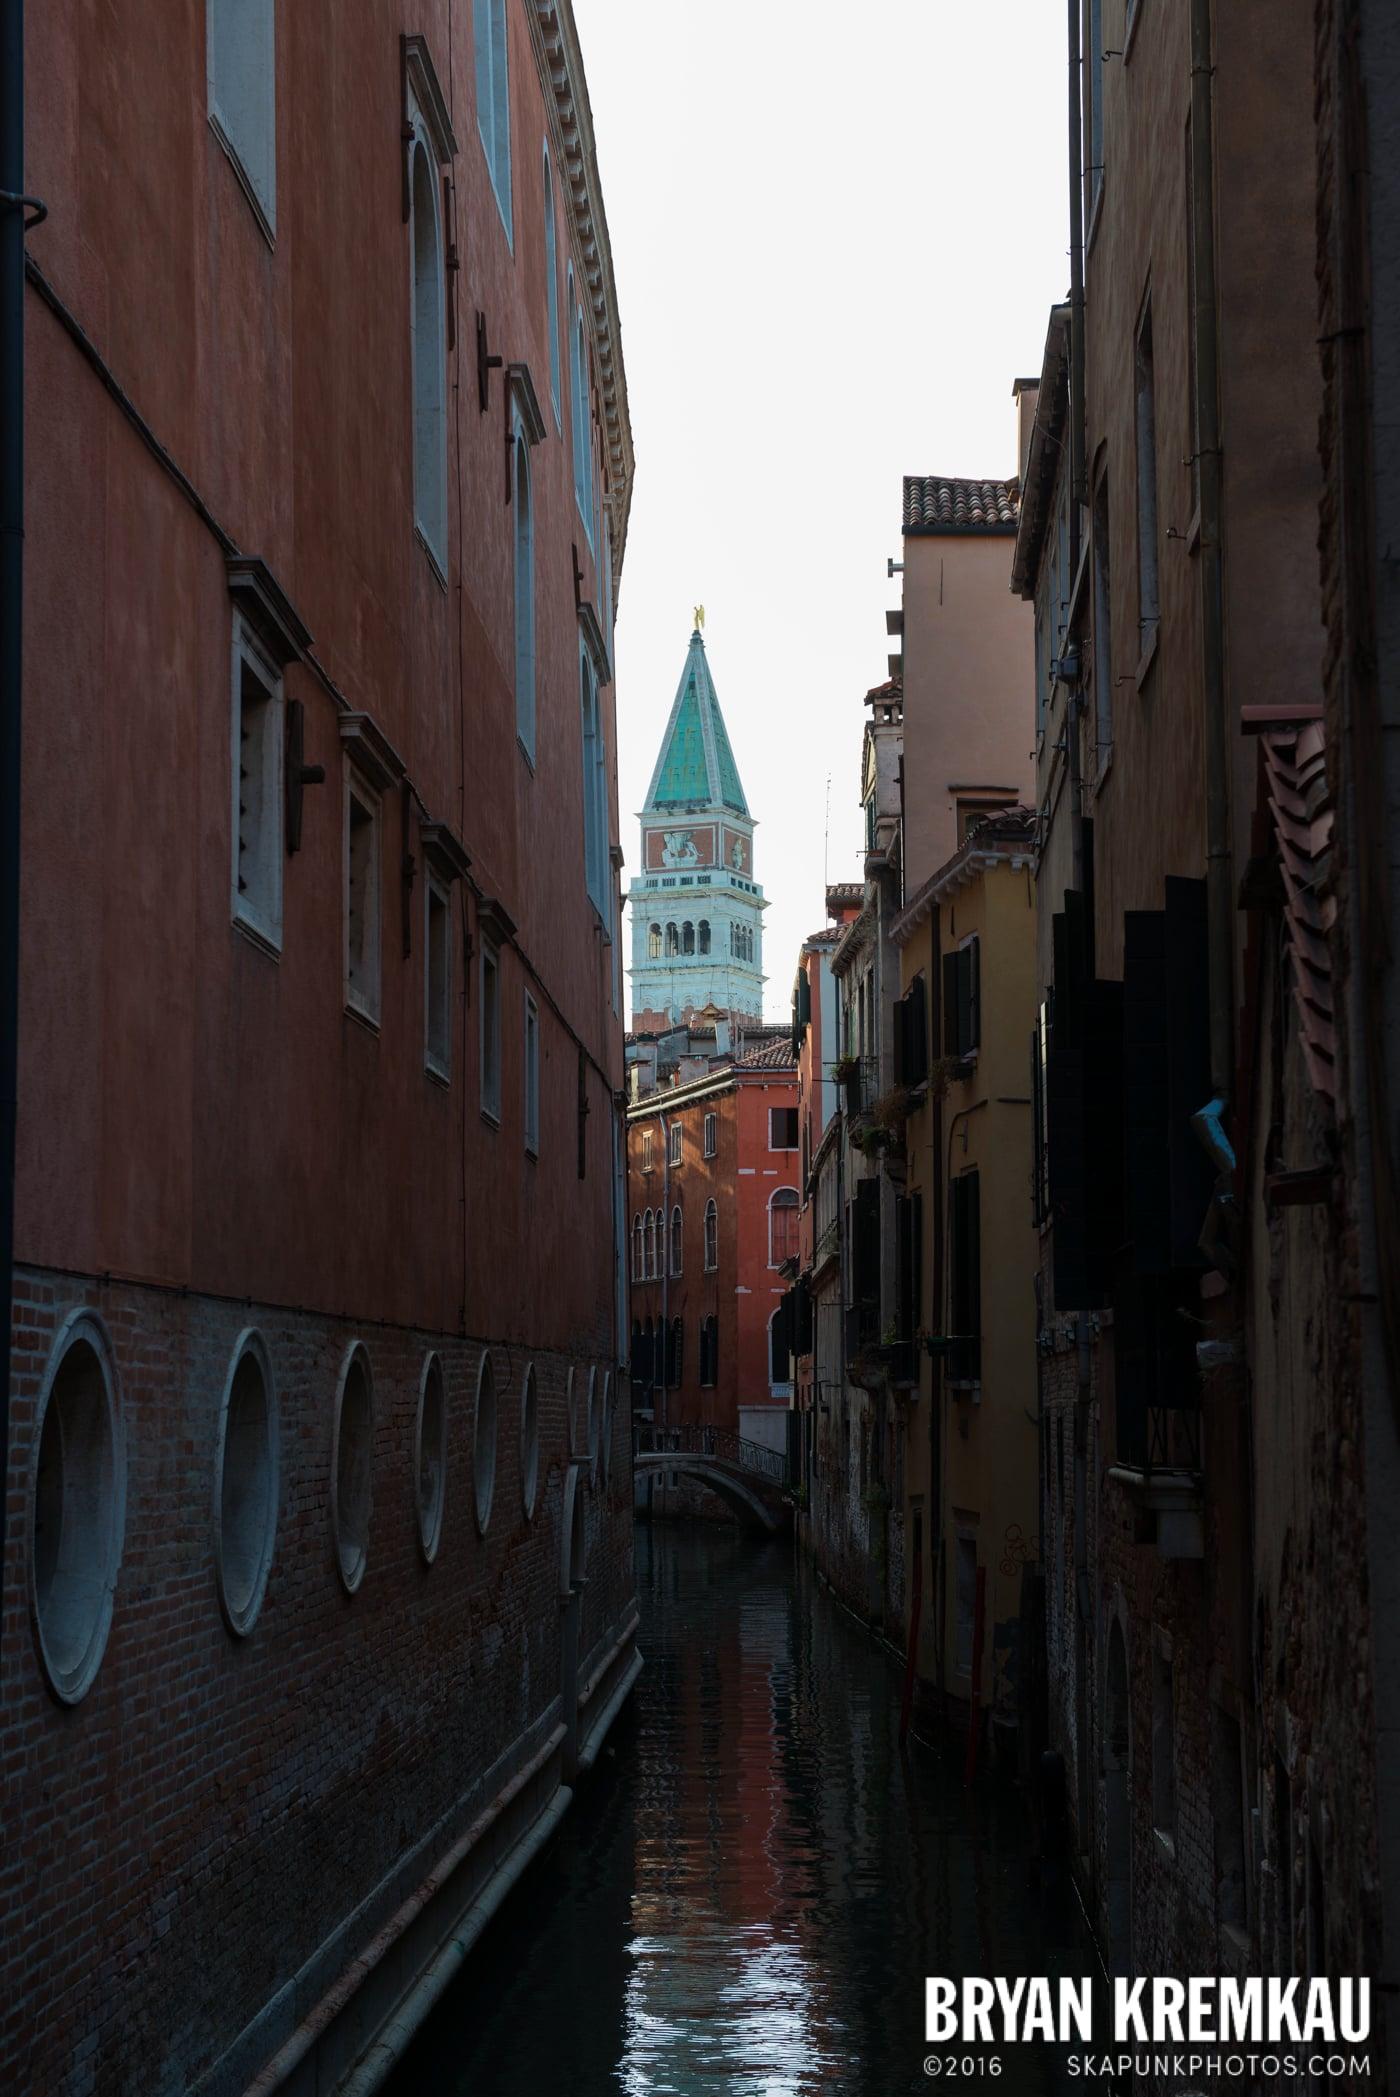 Italy Vacation - Day 6: Murano, Burano, Venice - 9.14.13 (103)